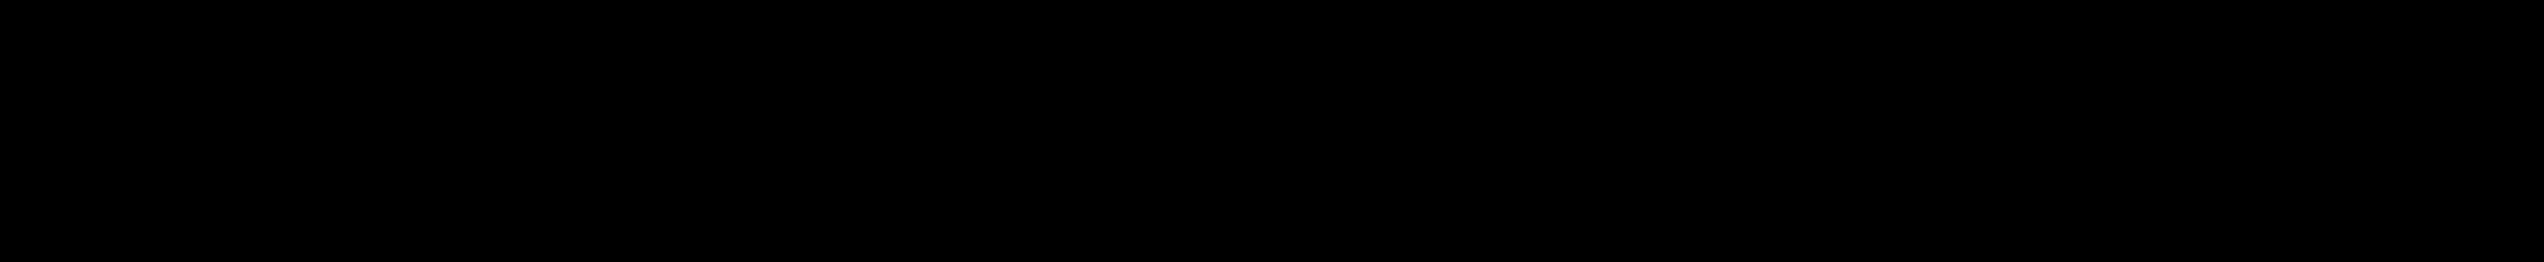 ヘ音記号「ドシラソファミレド」